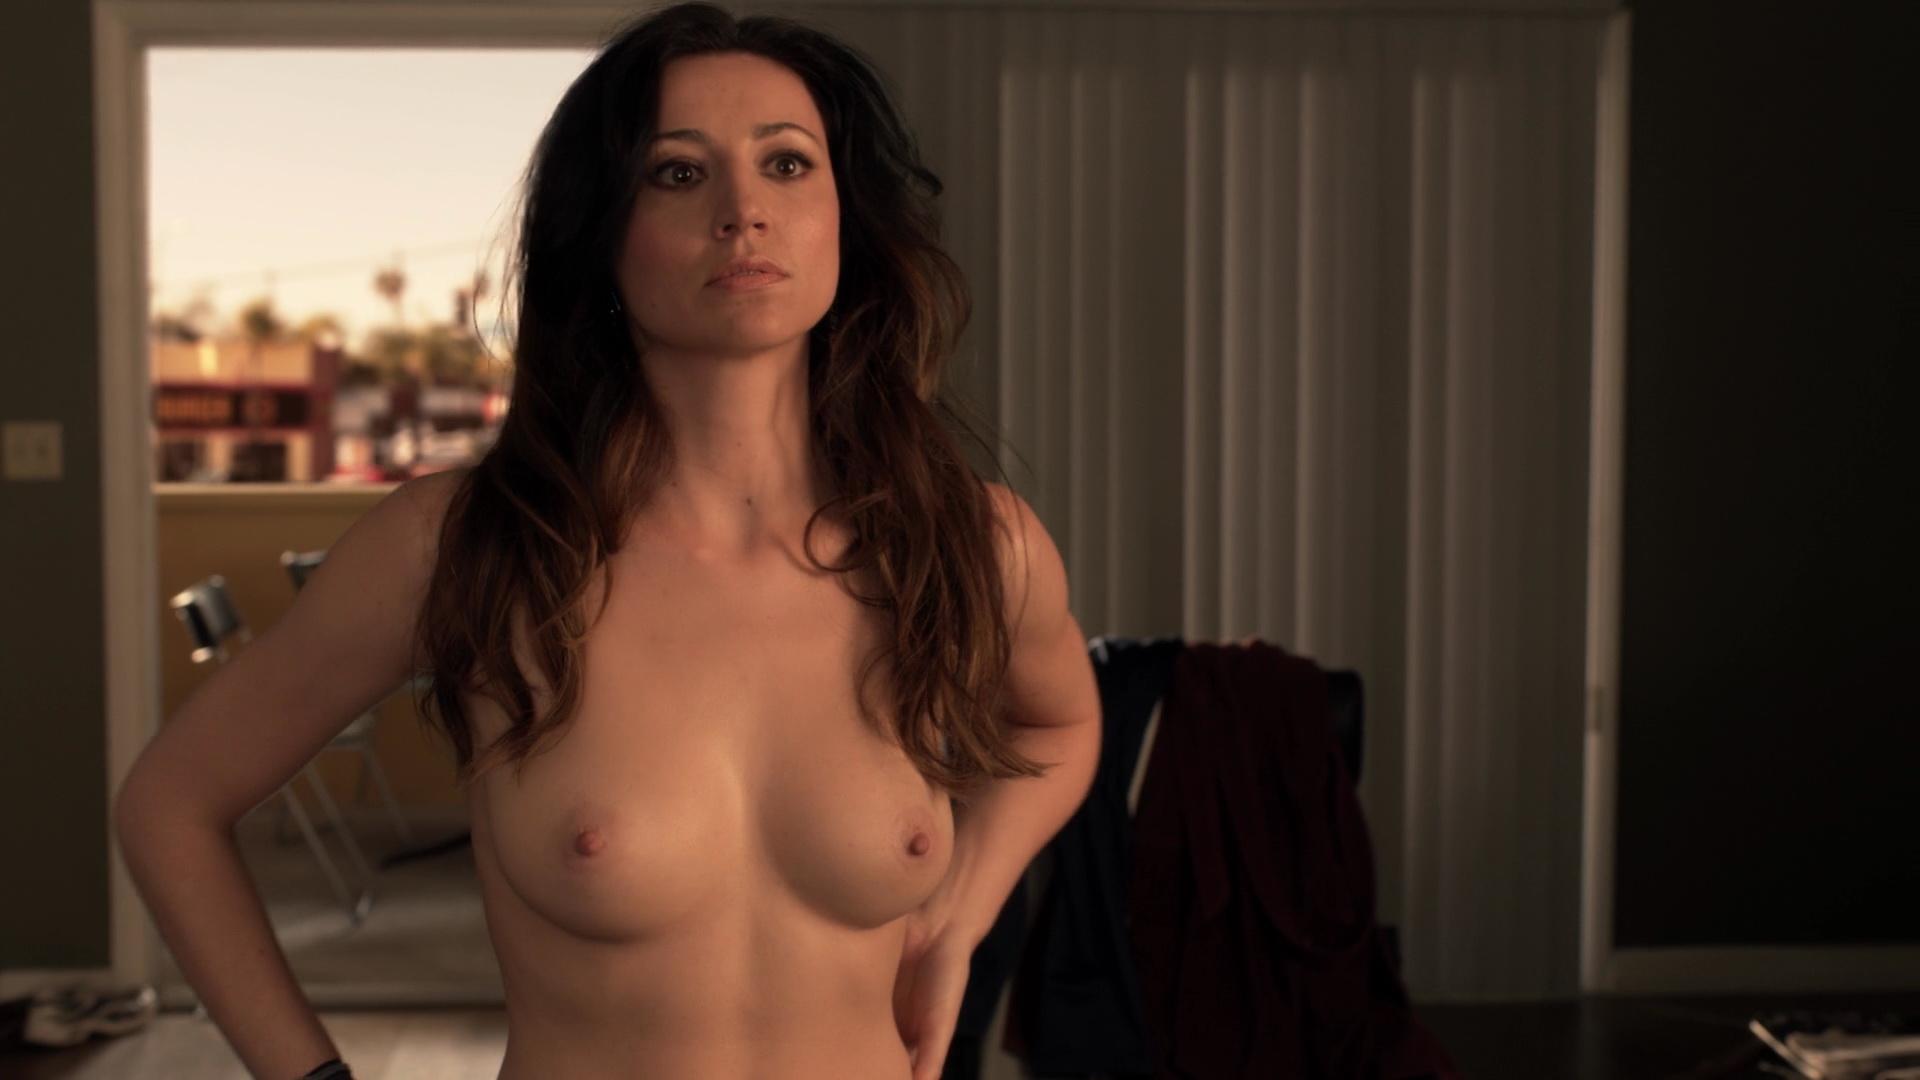 Sarah silverman nude sceen - 1 part 7